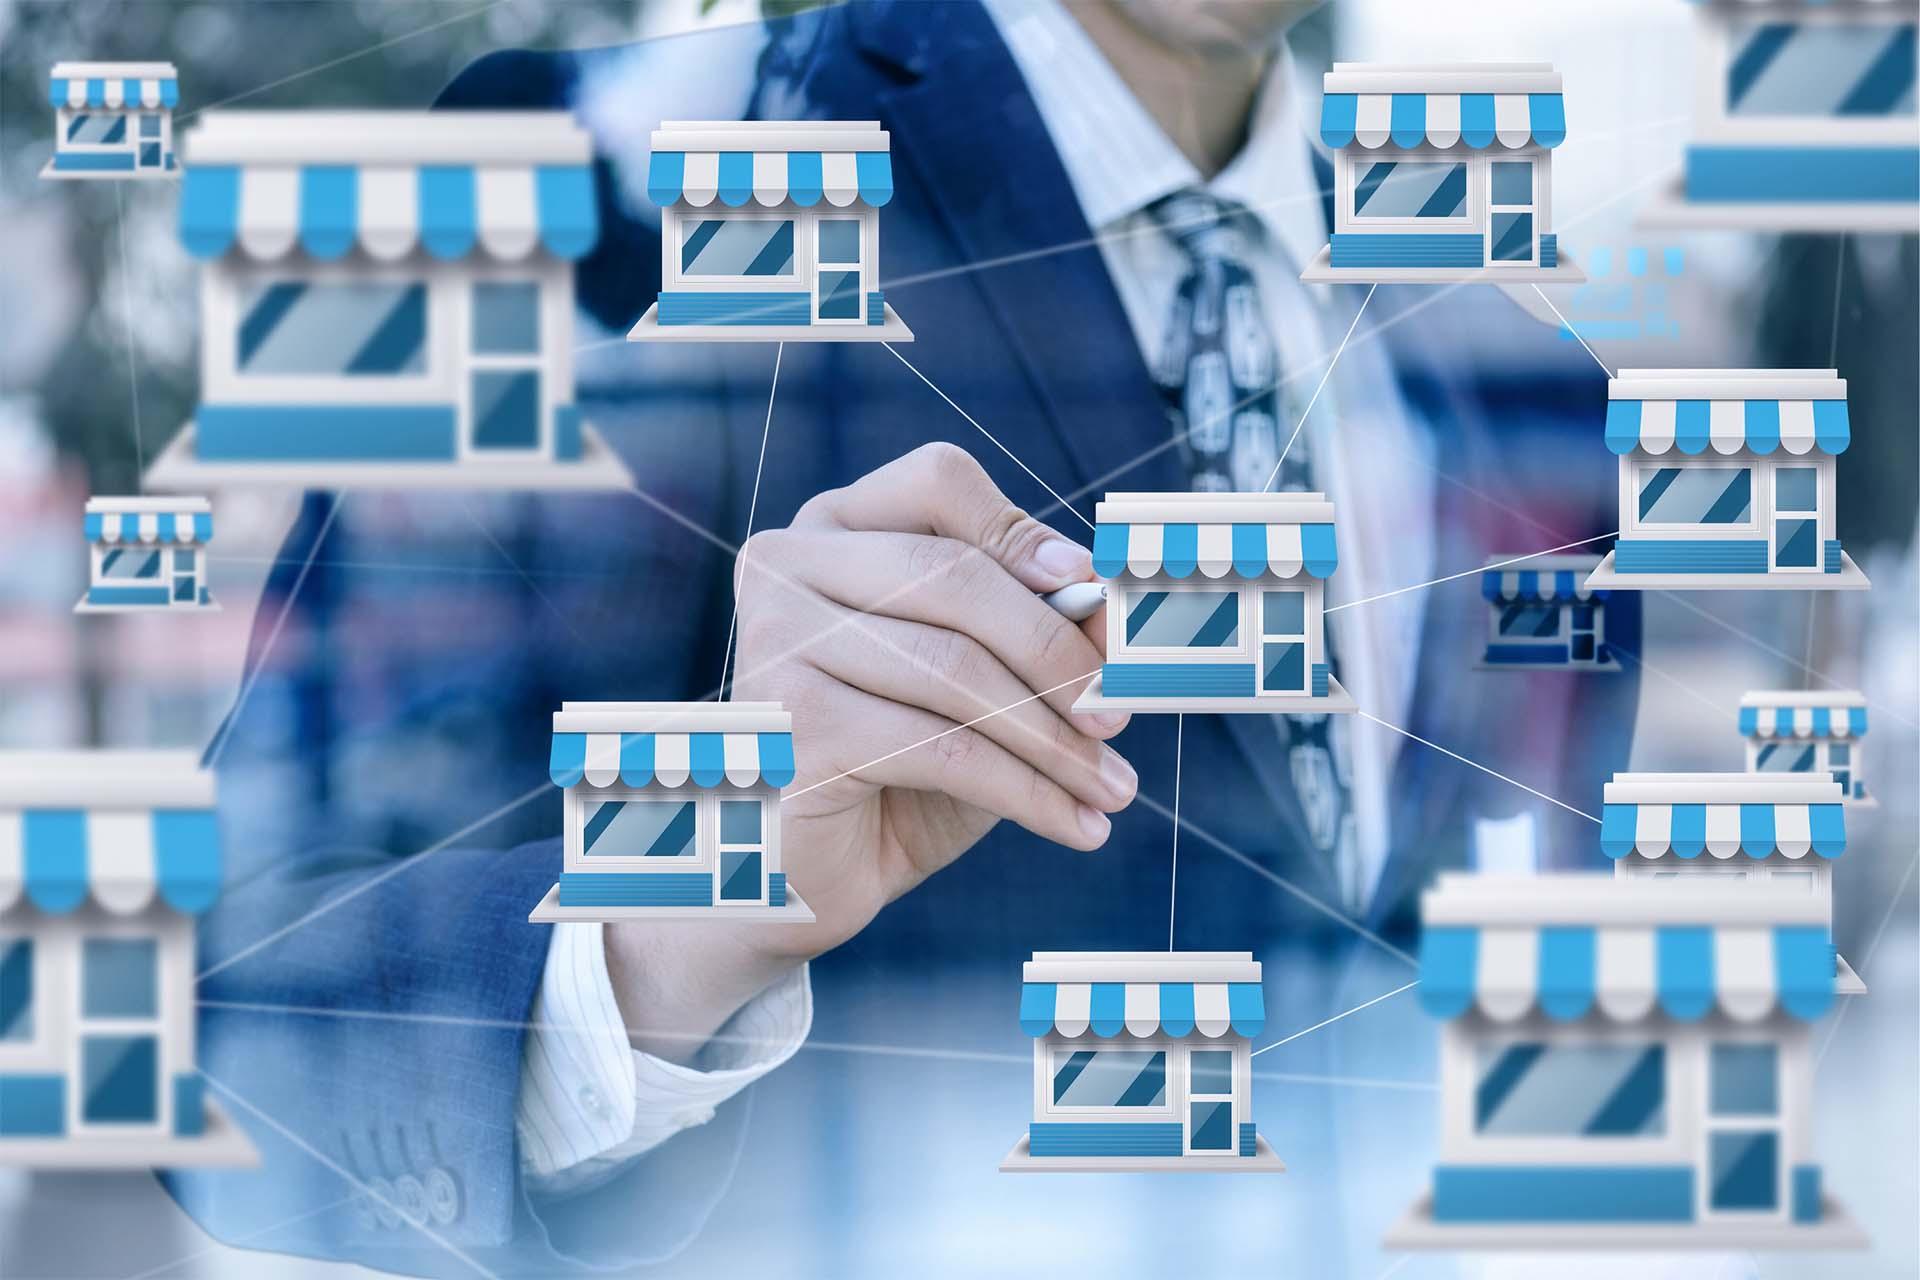 Бесплатный вебинар: Масштабирование бизнеса: от стартапа до миллиарда